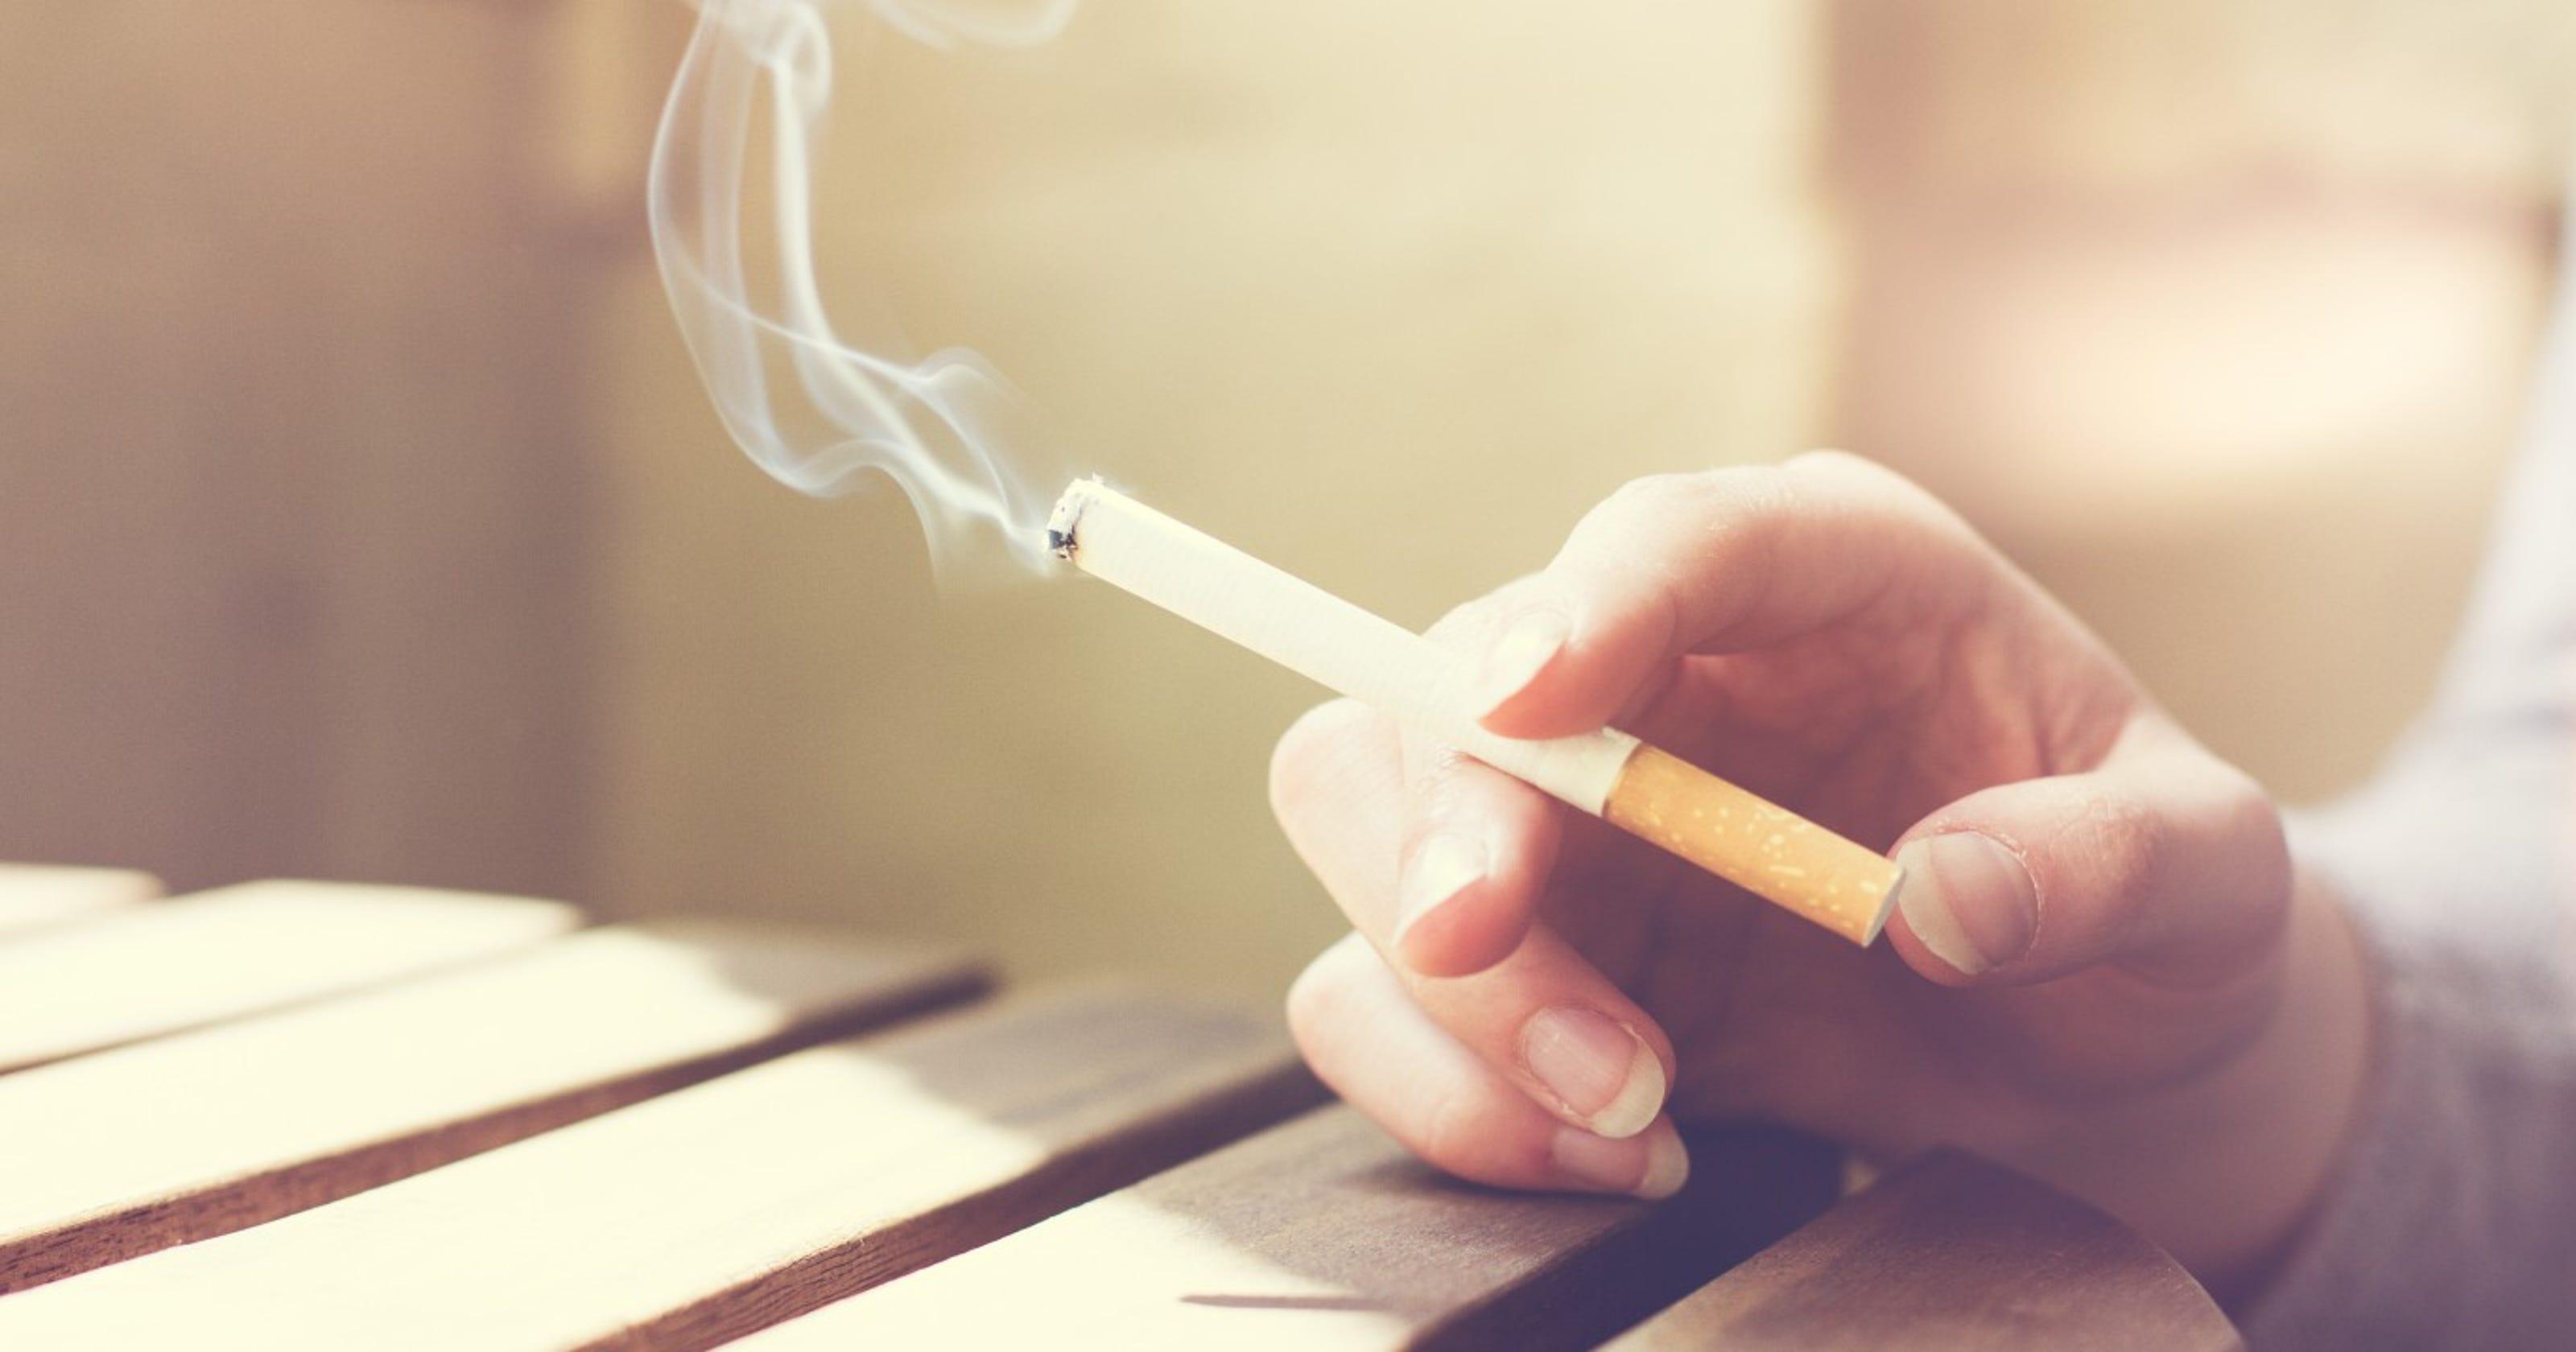 Smoking ban: Hawaii aims to ban cigarettes, tobacco with